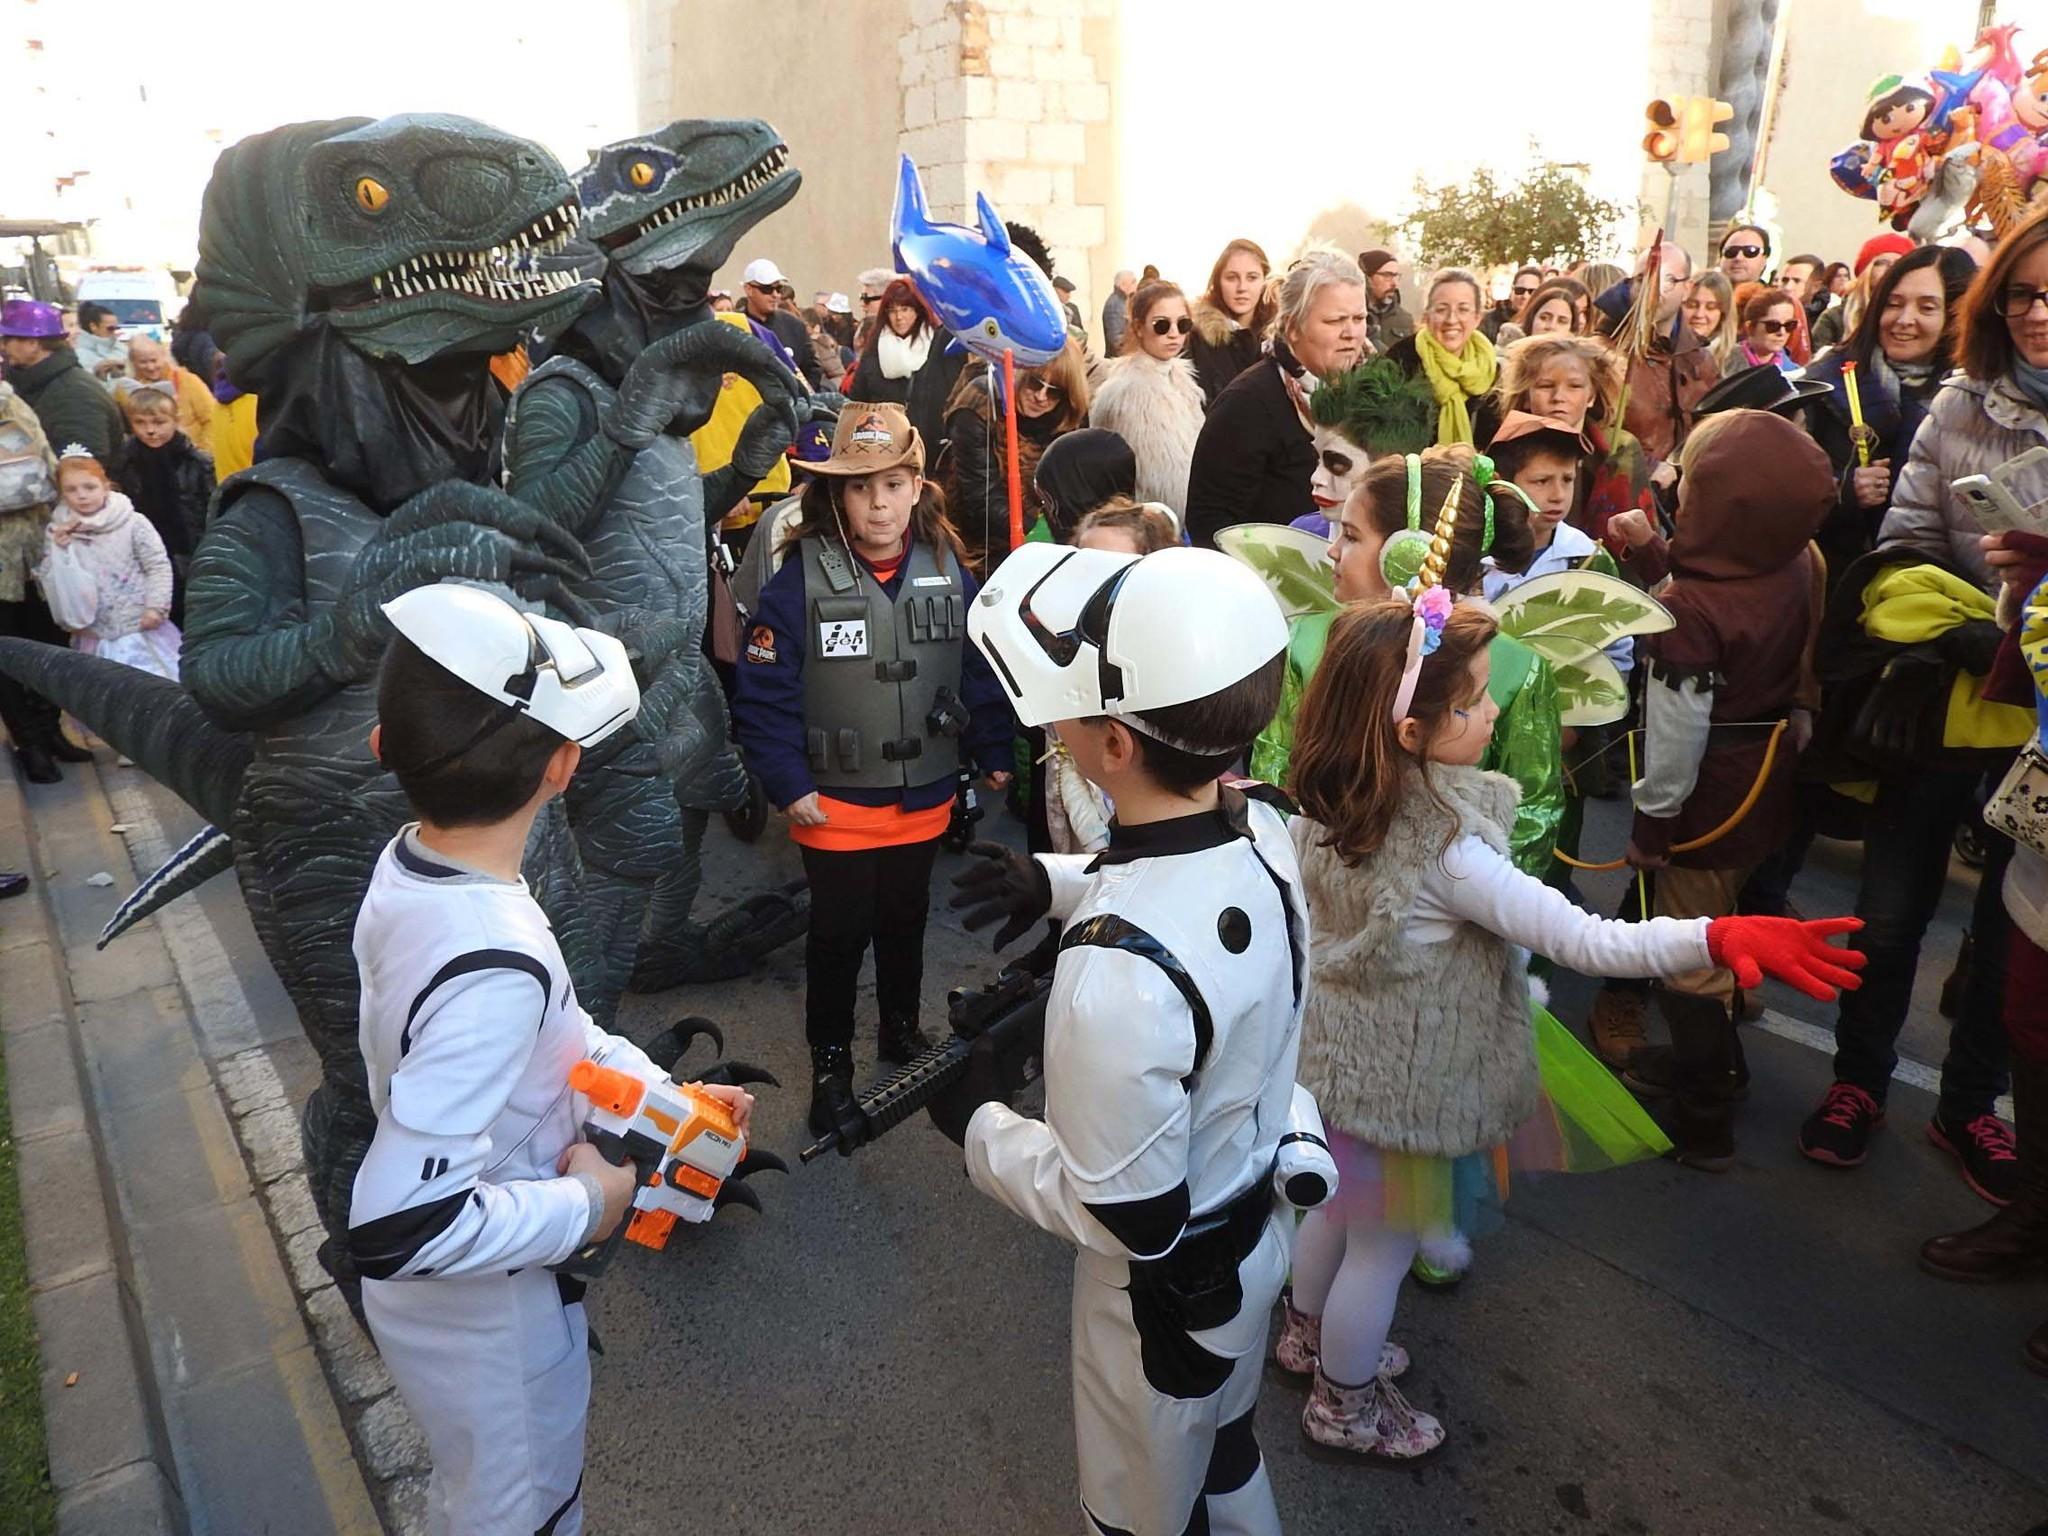 El Carnaval de Vinaròs 'caldea' el ambiente festivo